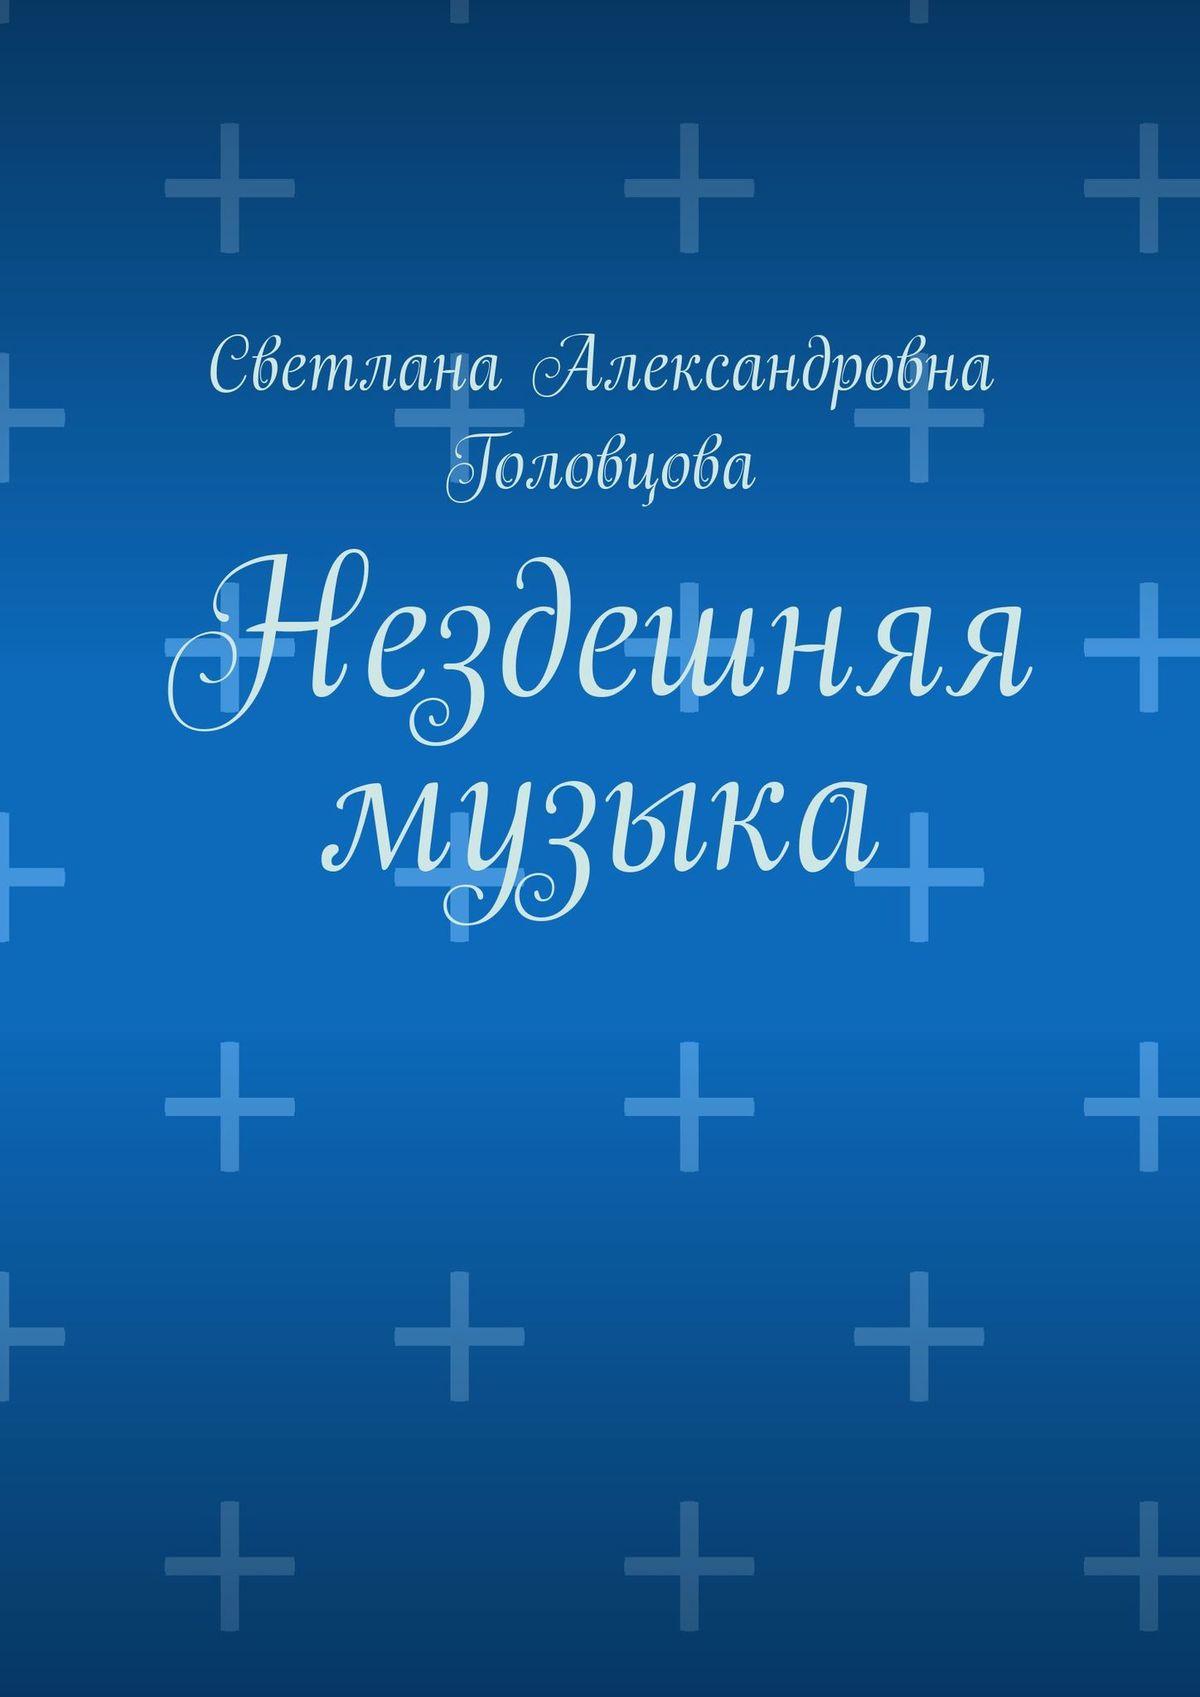 Светлана Александровна Головцова Нездешняя музыка бра reccagni angelo a 6300 1